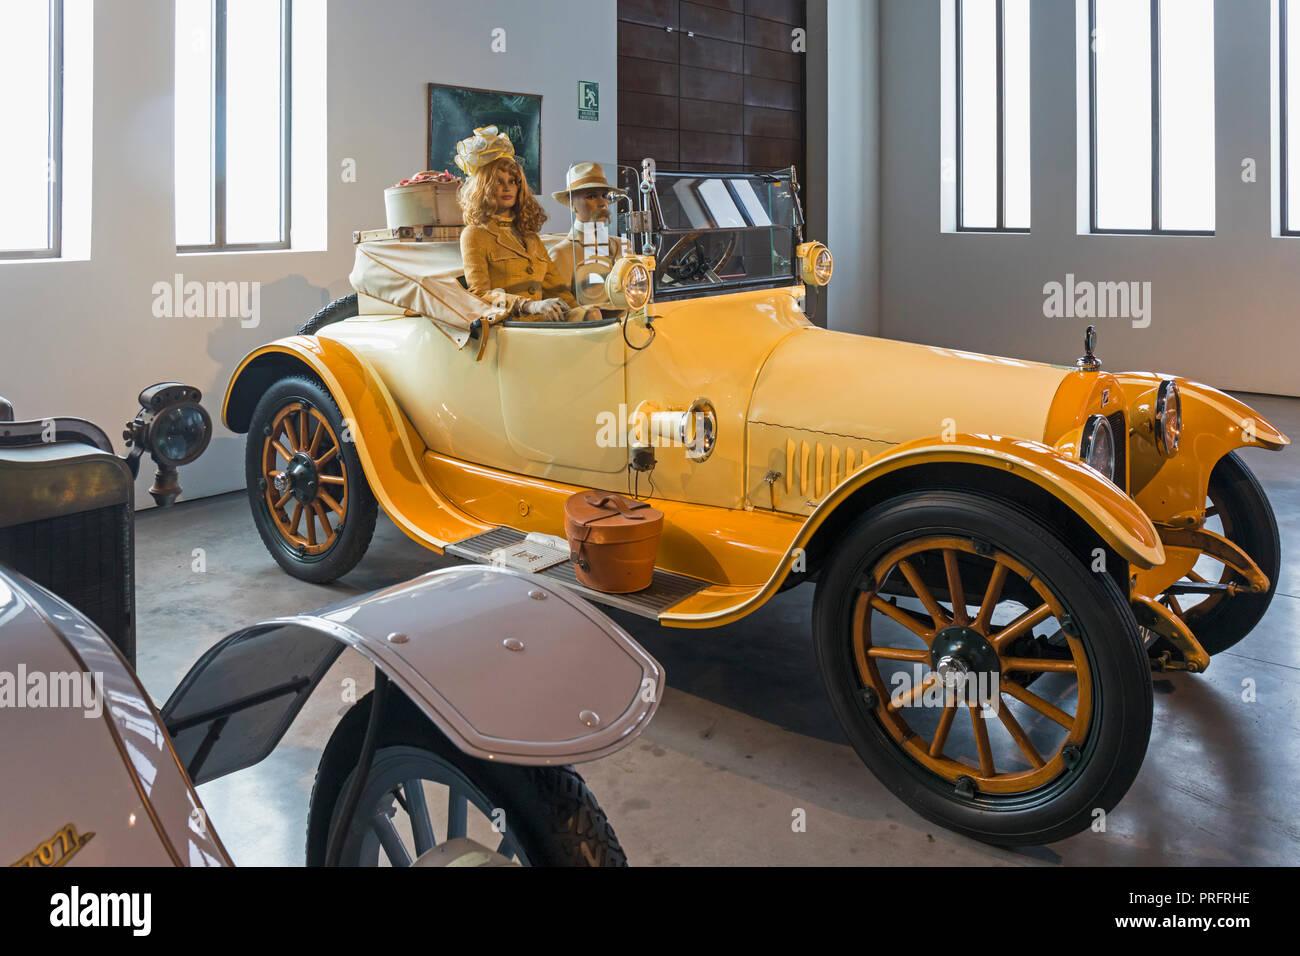 Museo automovilistico y de la Moda, Málaga, provincia de Málaga, España. Museo del Automóvil y de la moda. 45 CV de 6 cilindros, 3700 cc Modelo D44 American Bui Imagen De Stock